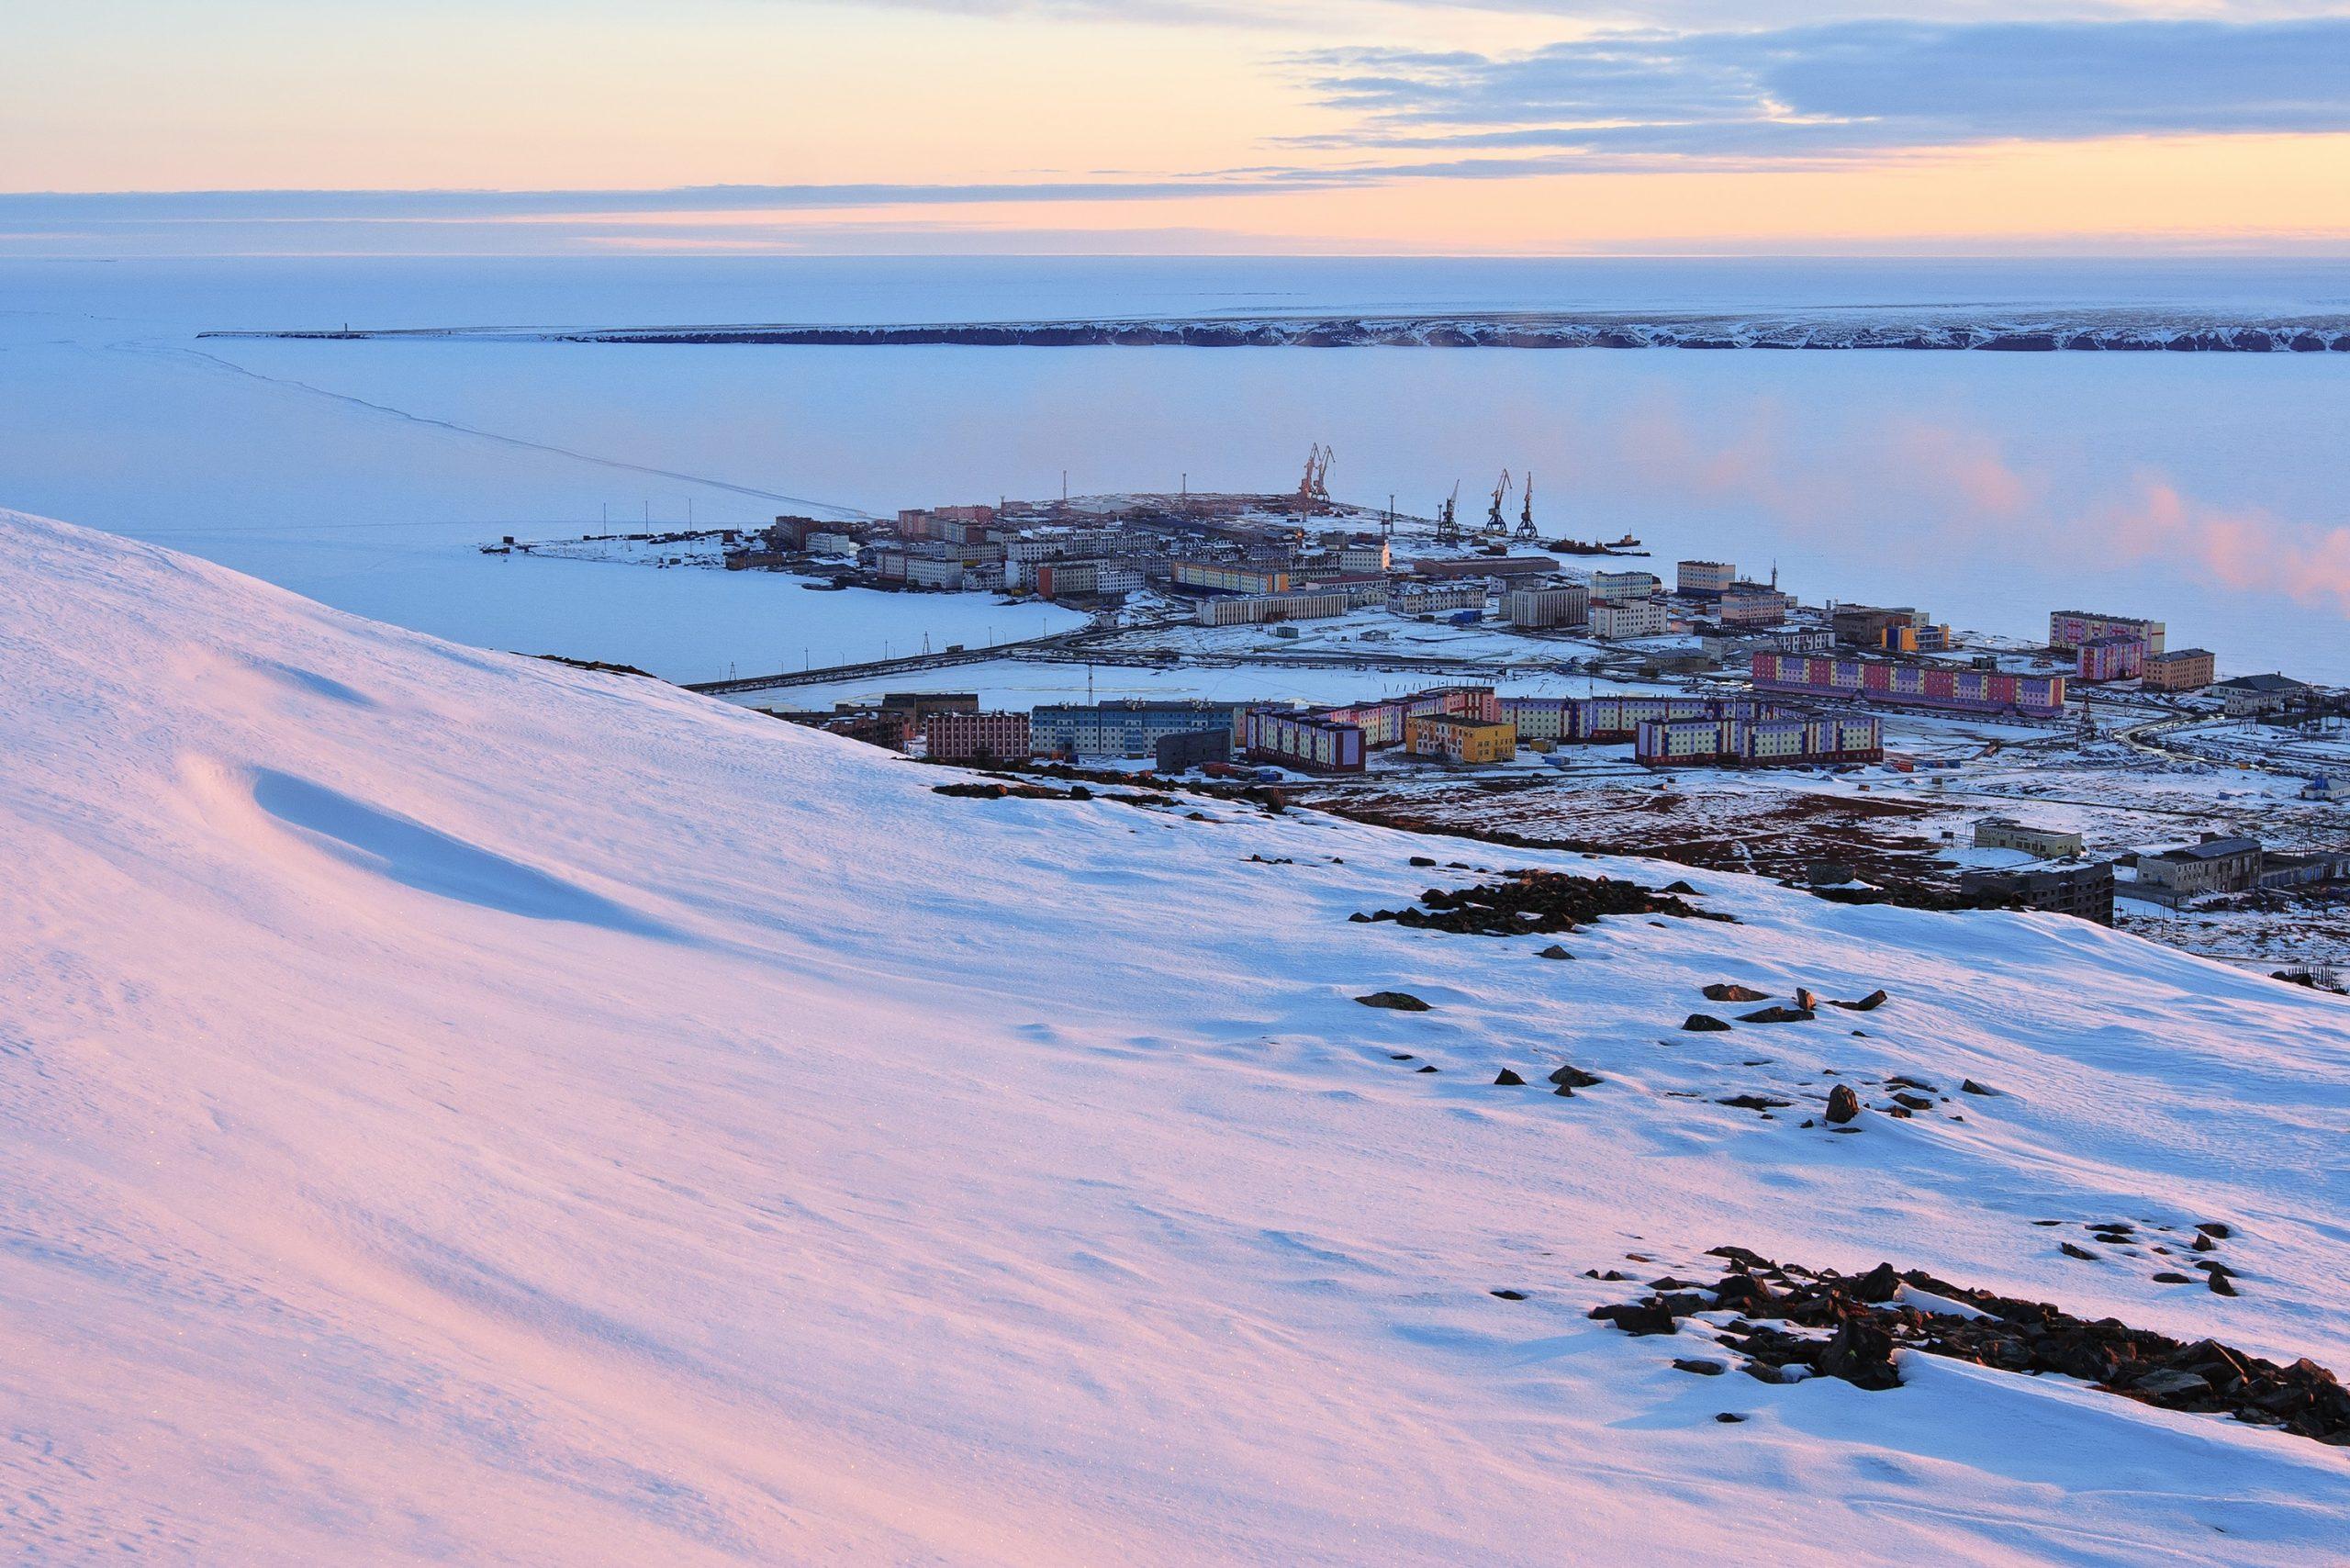 Российское экологическое общество и Alaska Community Action on Toxics объединили усилия по защите экологии Аляски